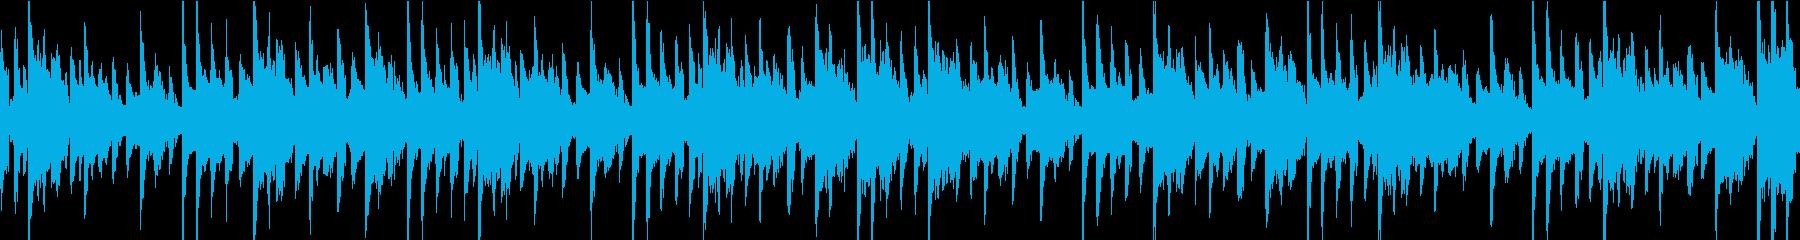 控えめなテクノのチュートリアル的な曲の再生済みの波形